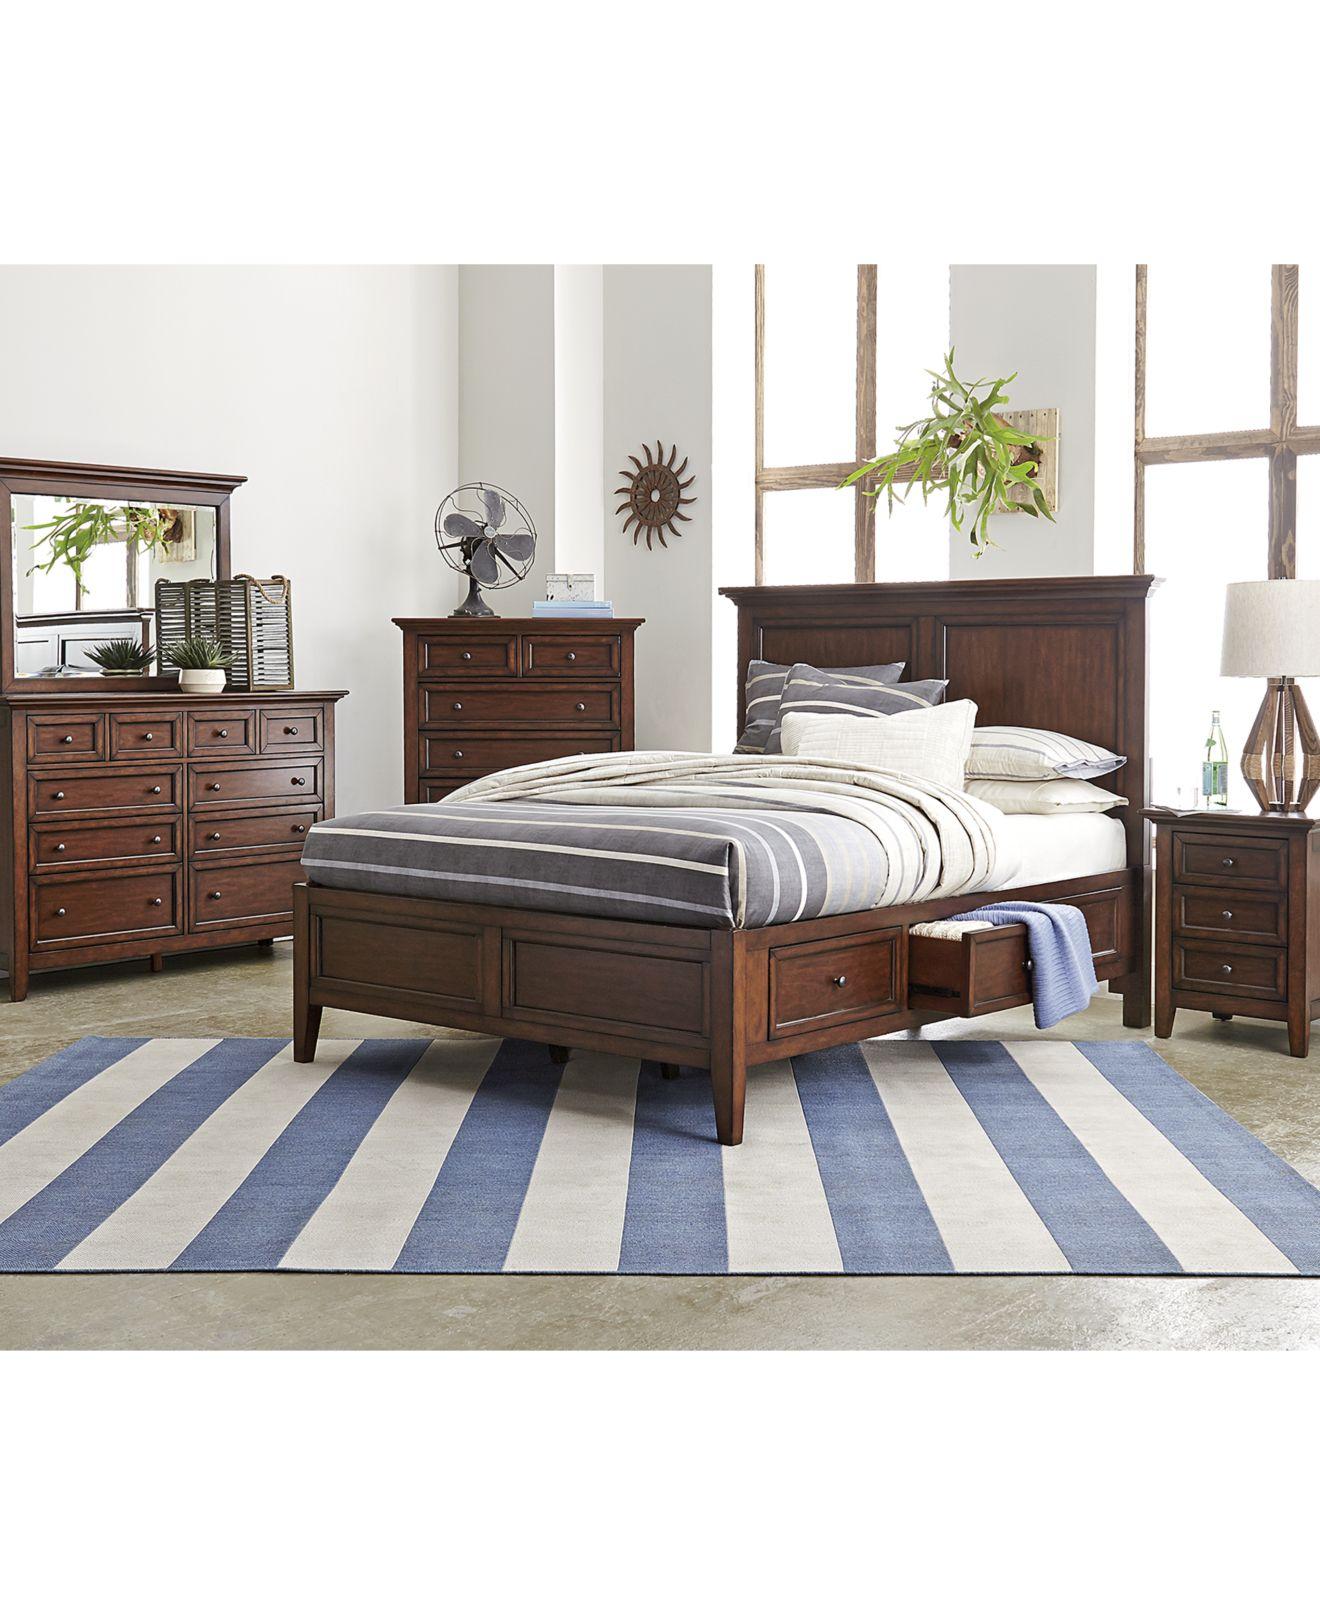 Bedroom Furniture Macys PierPointSprings